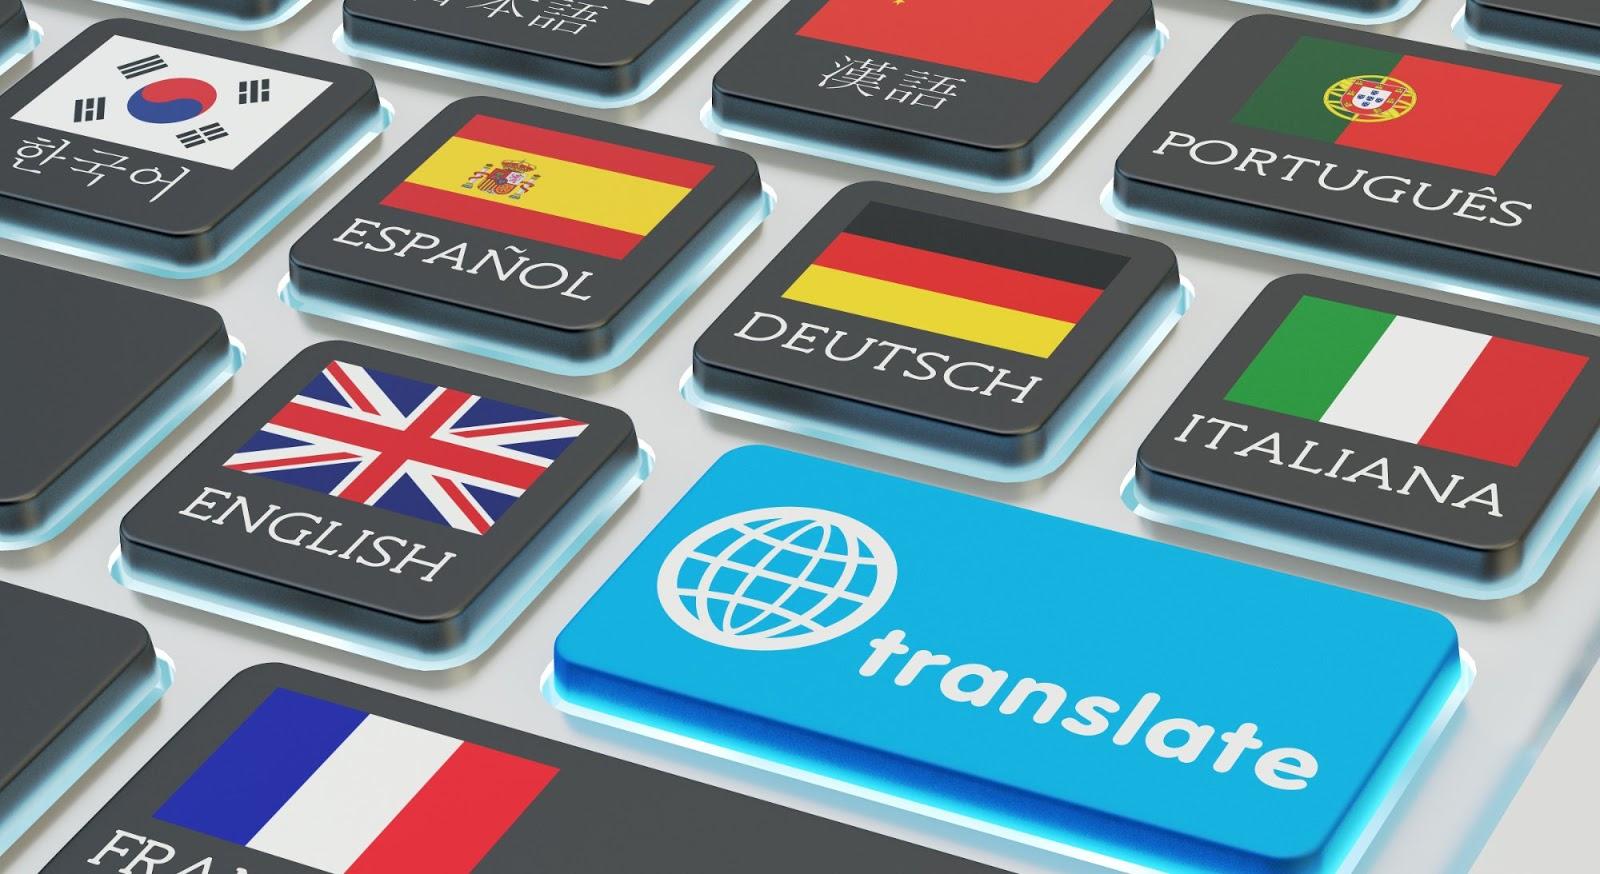 أهم سبع خطوات يجب أن يأخذها مكتب الترجمة الذي تتعامل معه